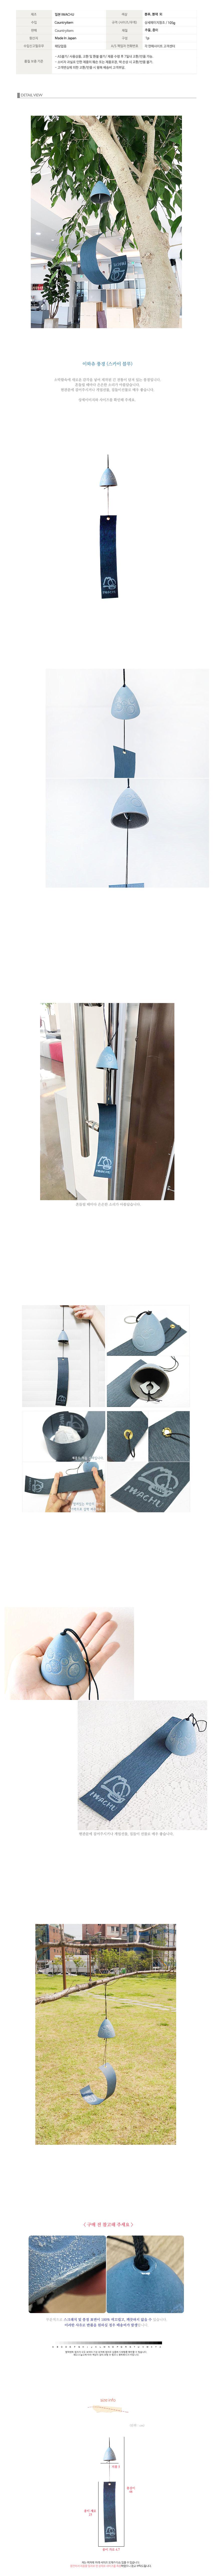 이와츄 풍경 (스카이 블루) - 컨츄리아이템, 22,000원, 장식/부자재, 벽장식